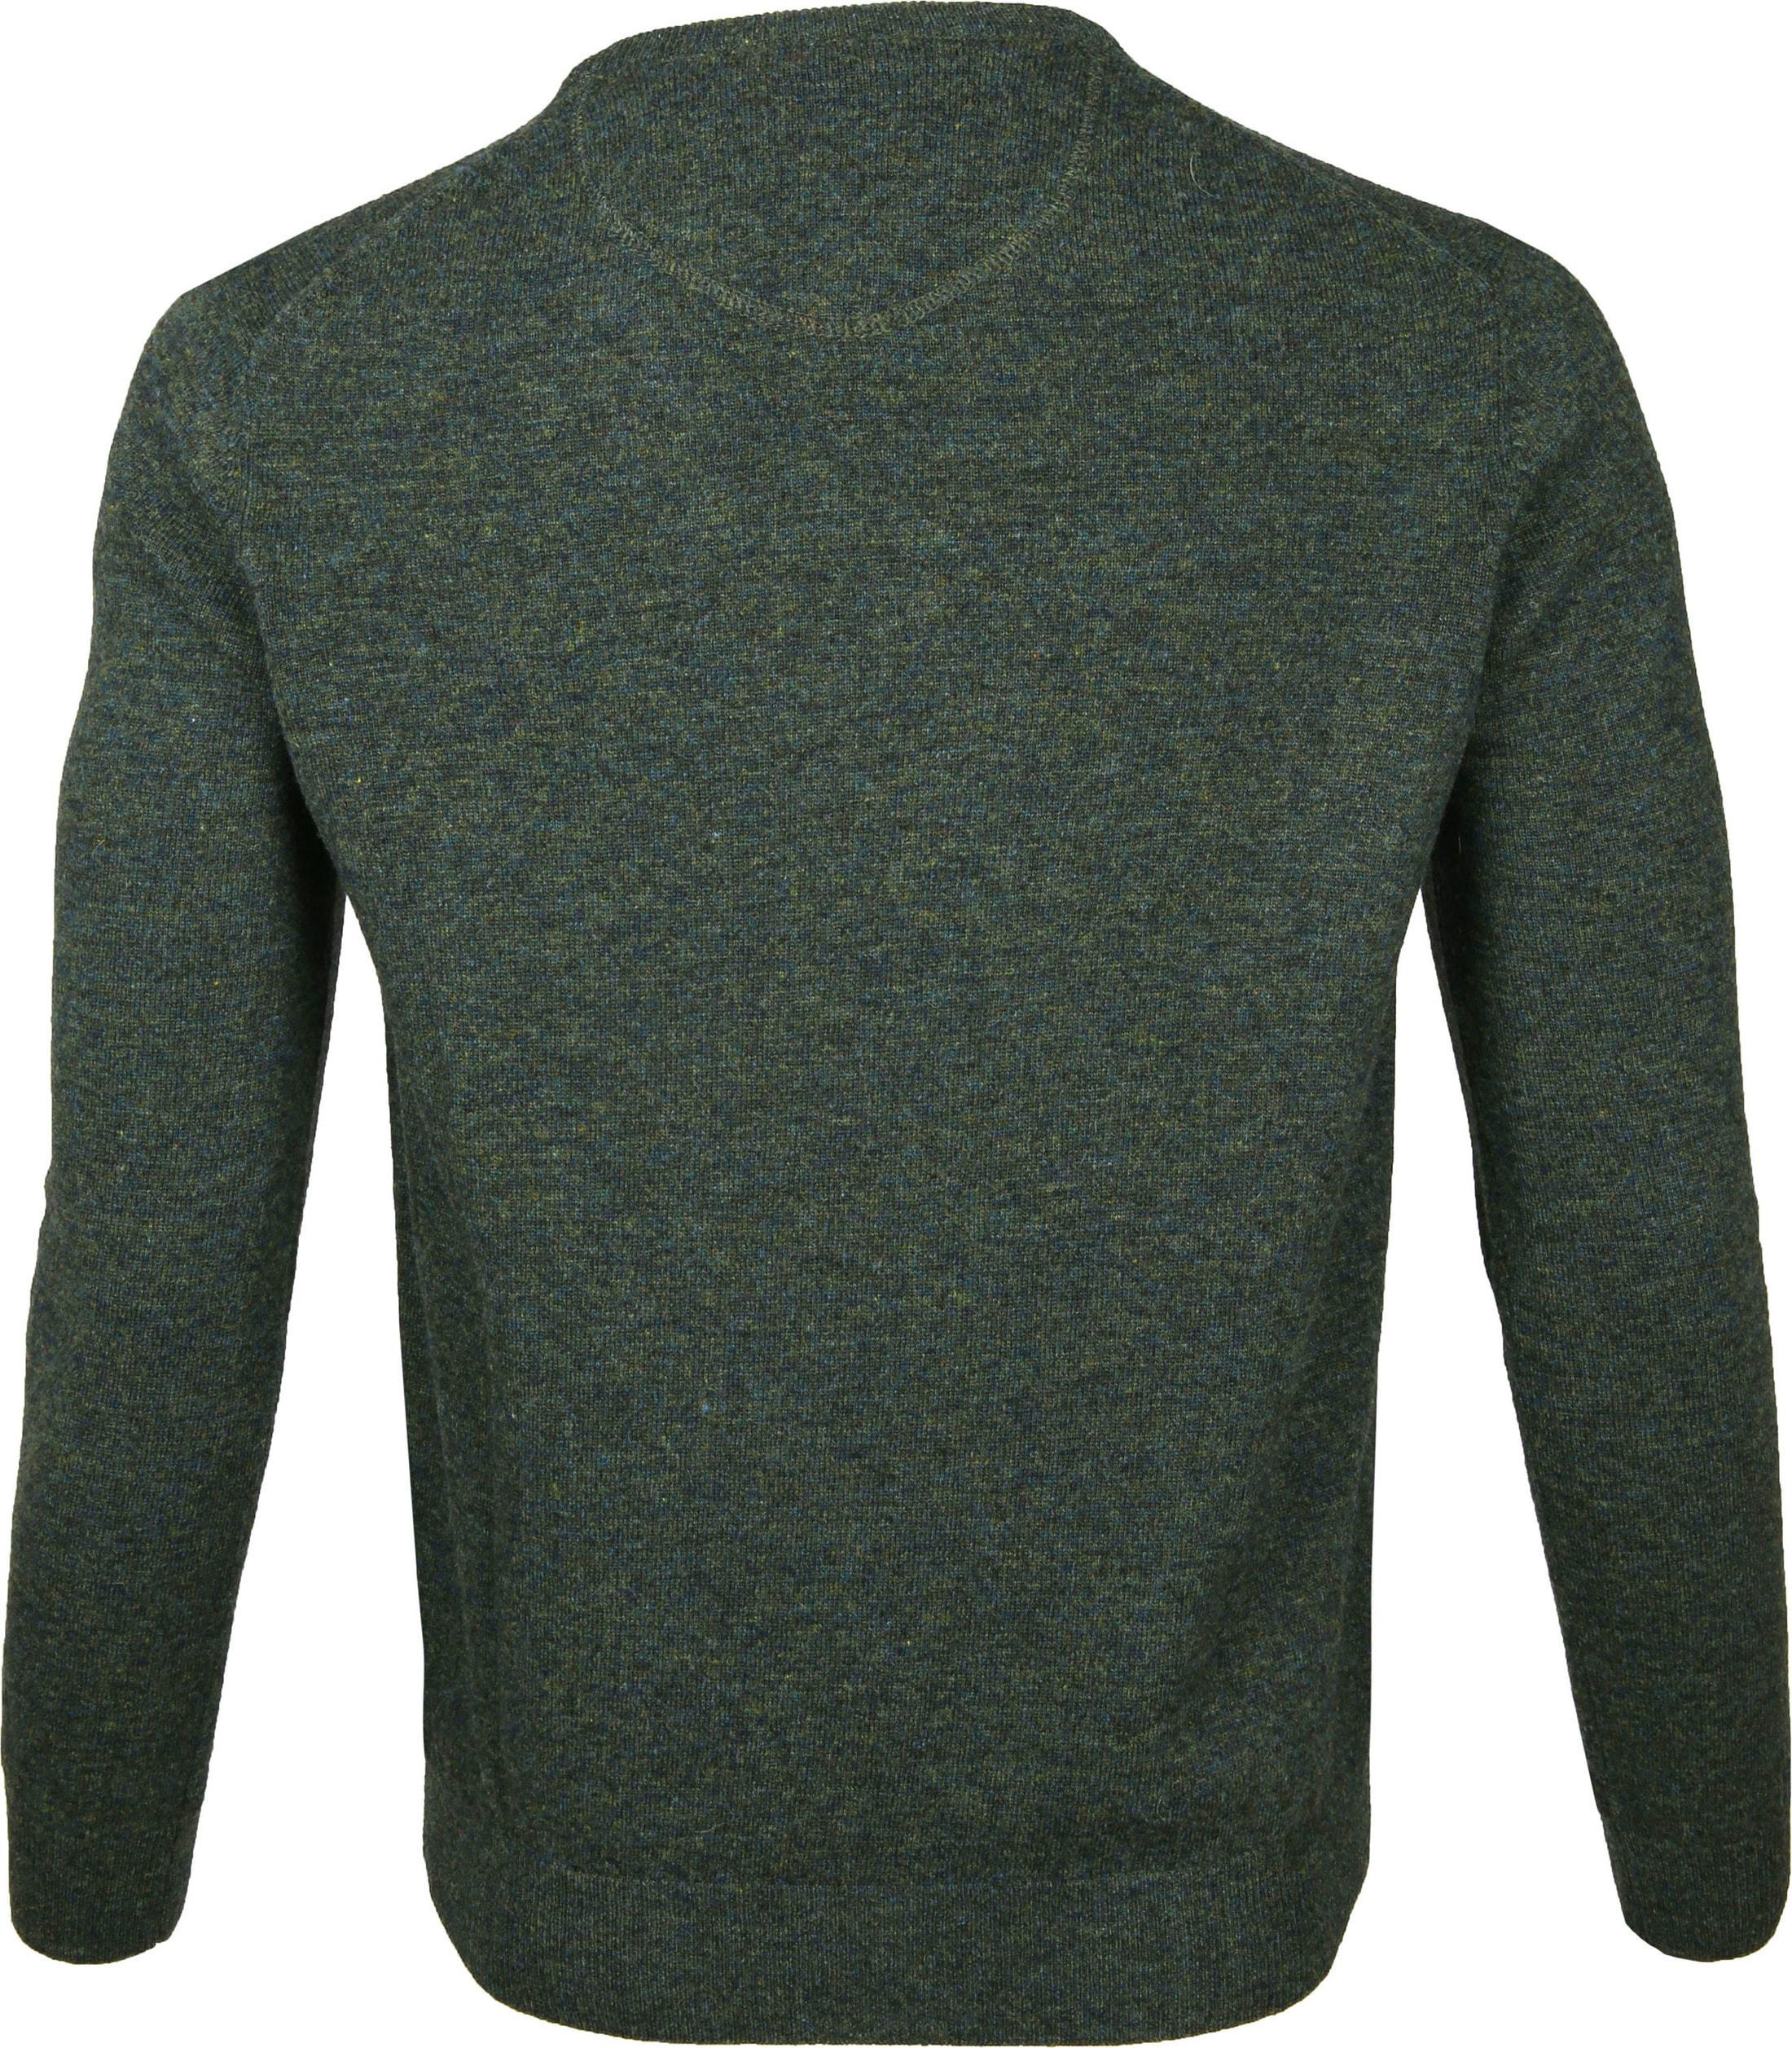 Suitable Pullover Lammwolle V-Ausschnitt Dunkelgrün foto 2